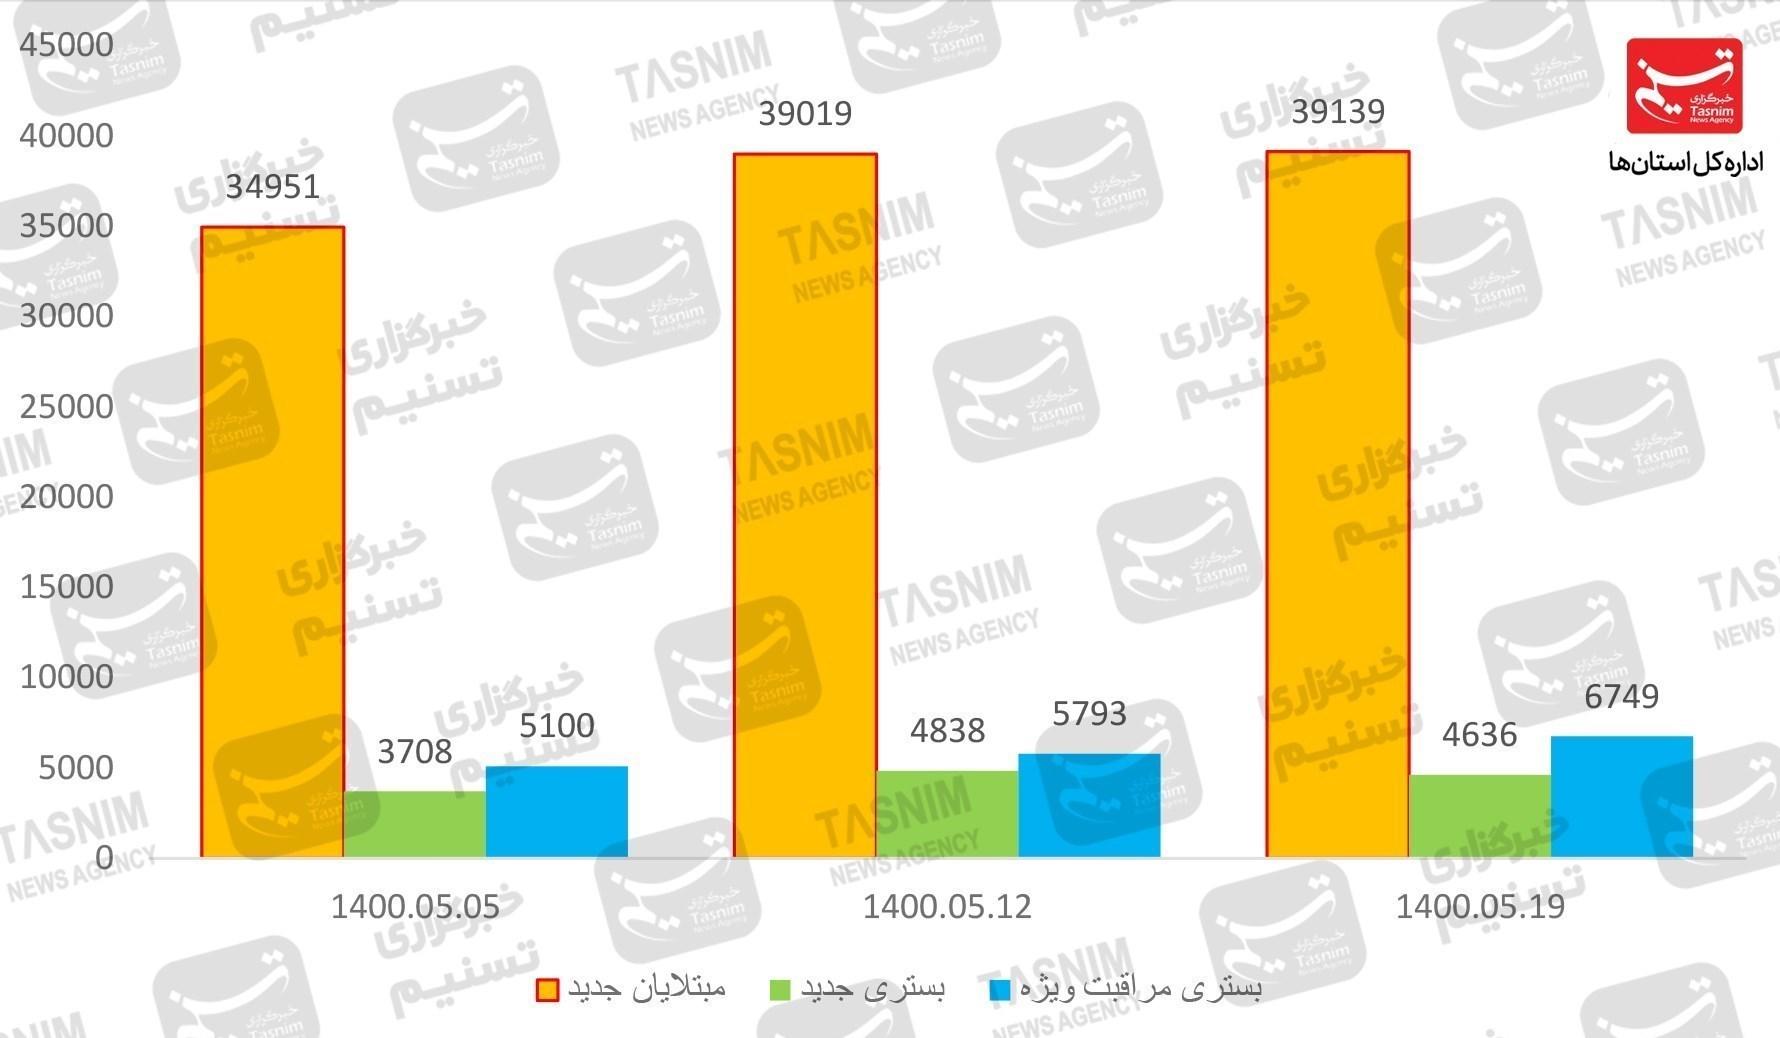 جدیدترین اخبار کرونا در ایران  طغیان کرونا در سرتاسر کشور / وضعیت لحظه به لحظه سختتر میشود / کادر درمان دیگر رمقی ندارند + نمودار و نقشه